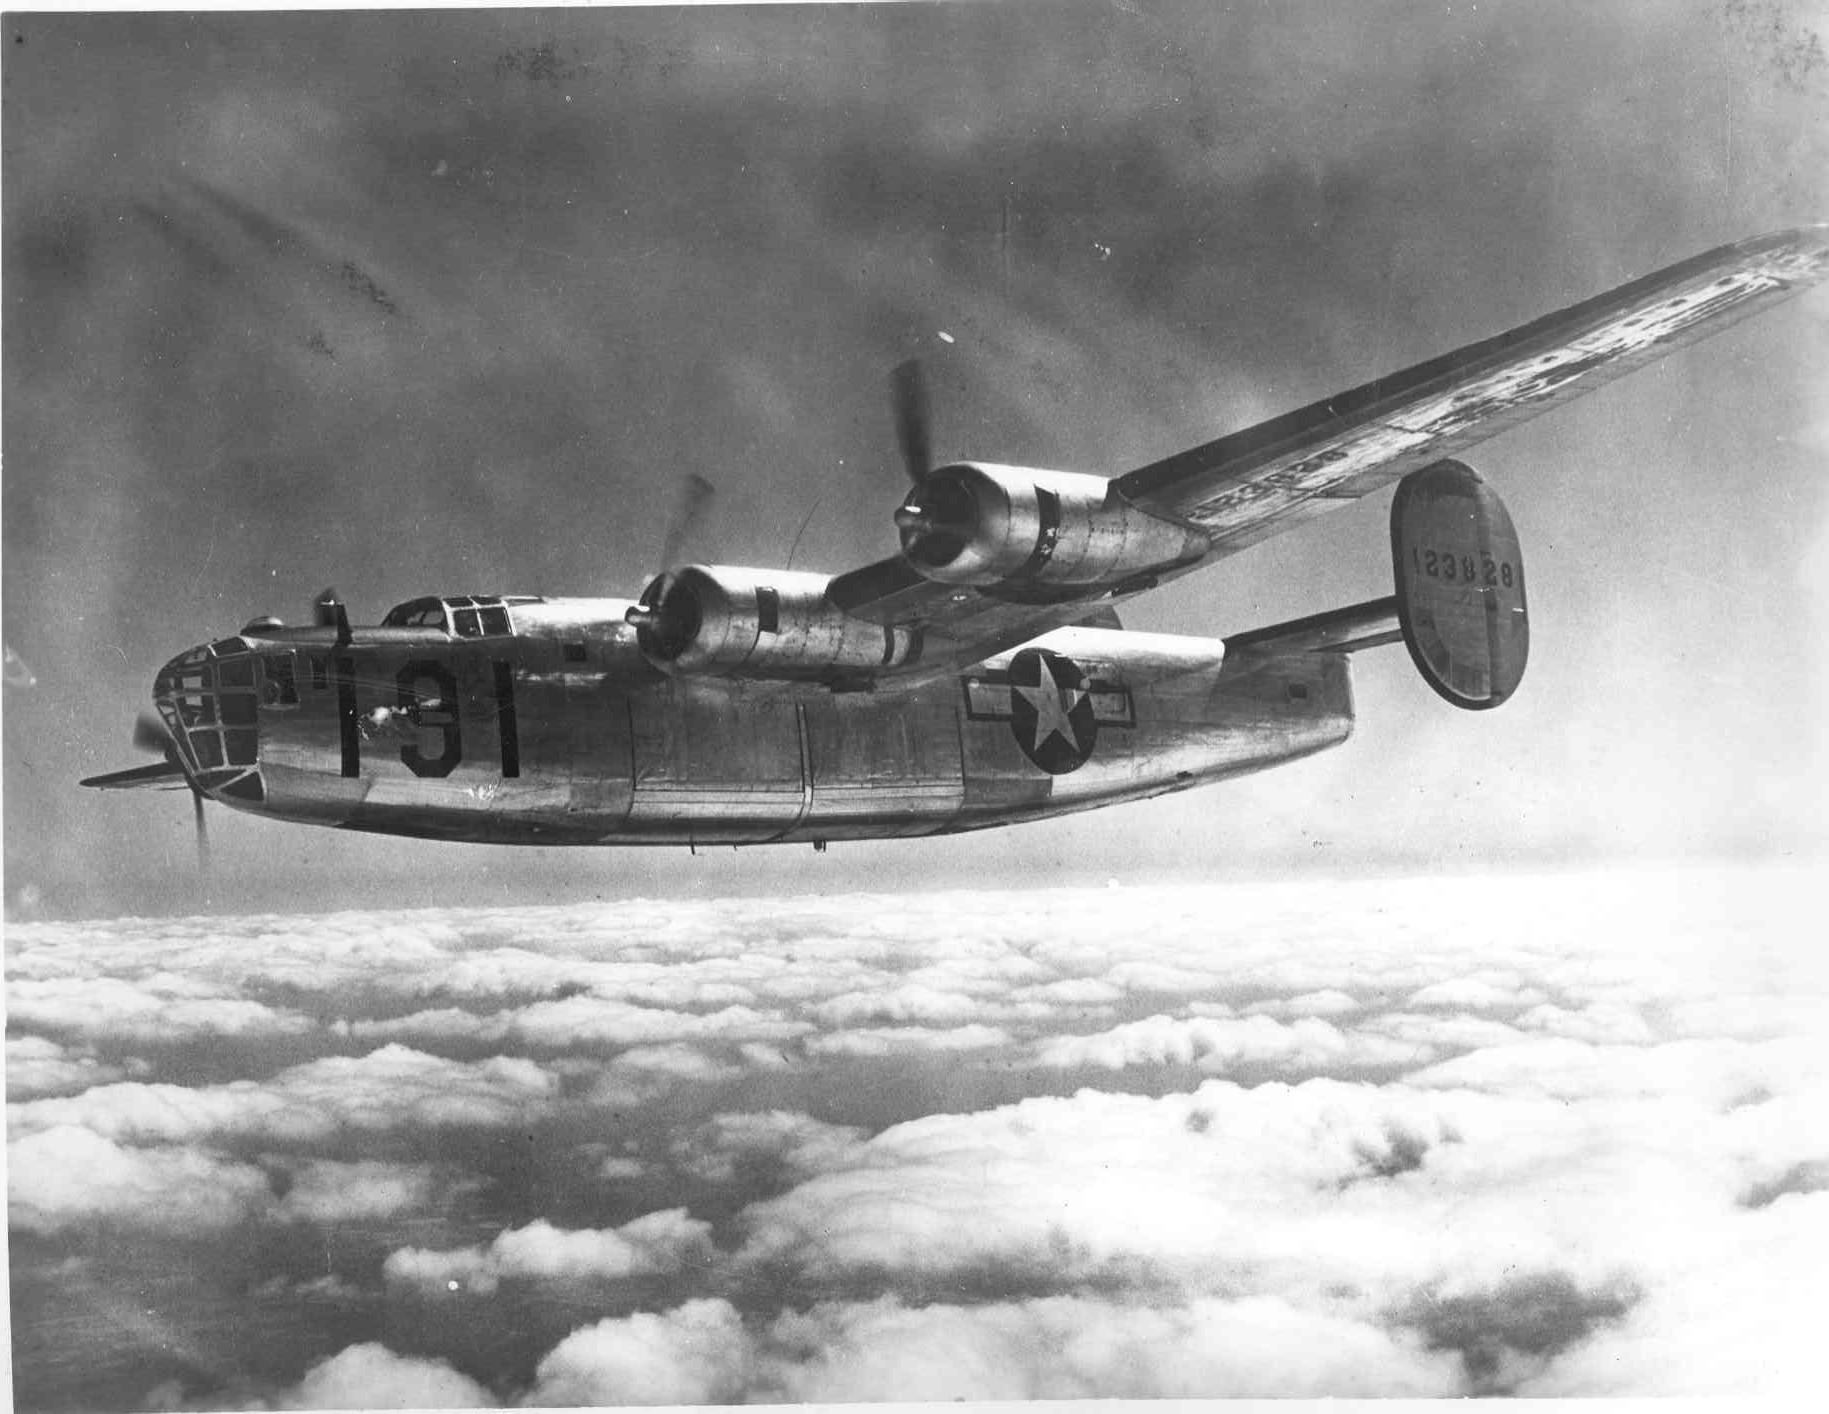 a B-24 Liberator in flight  B24 Liberator